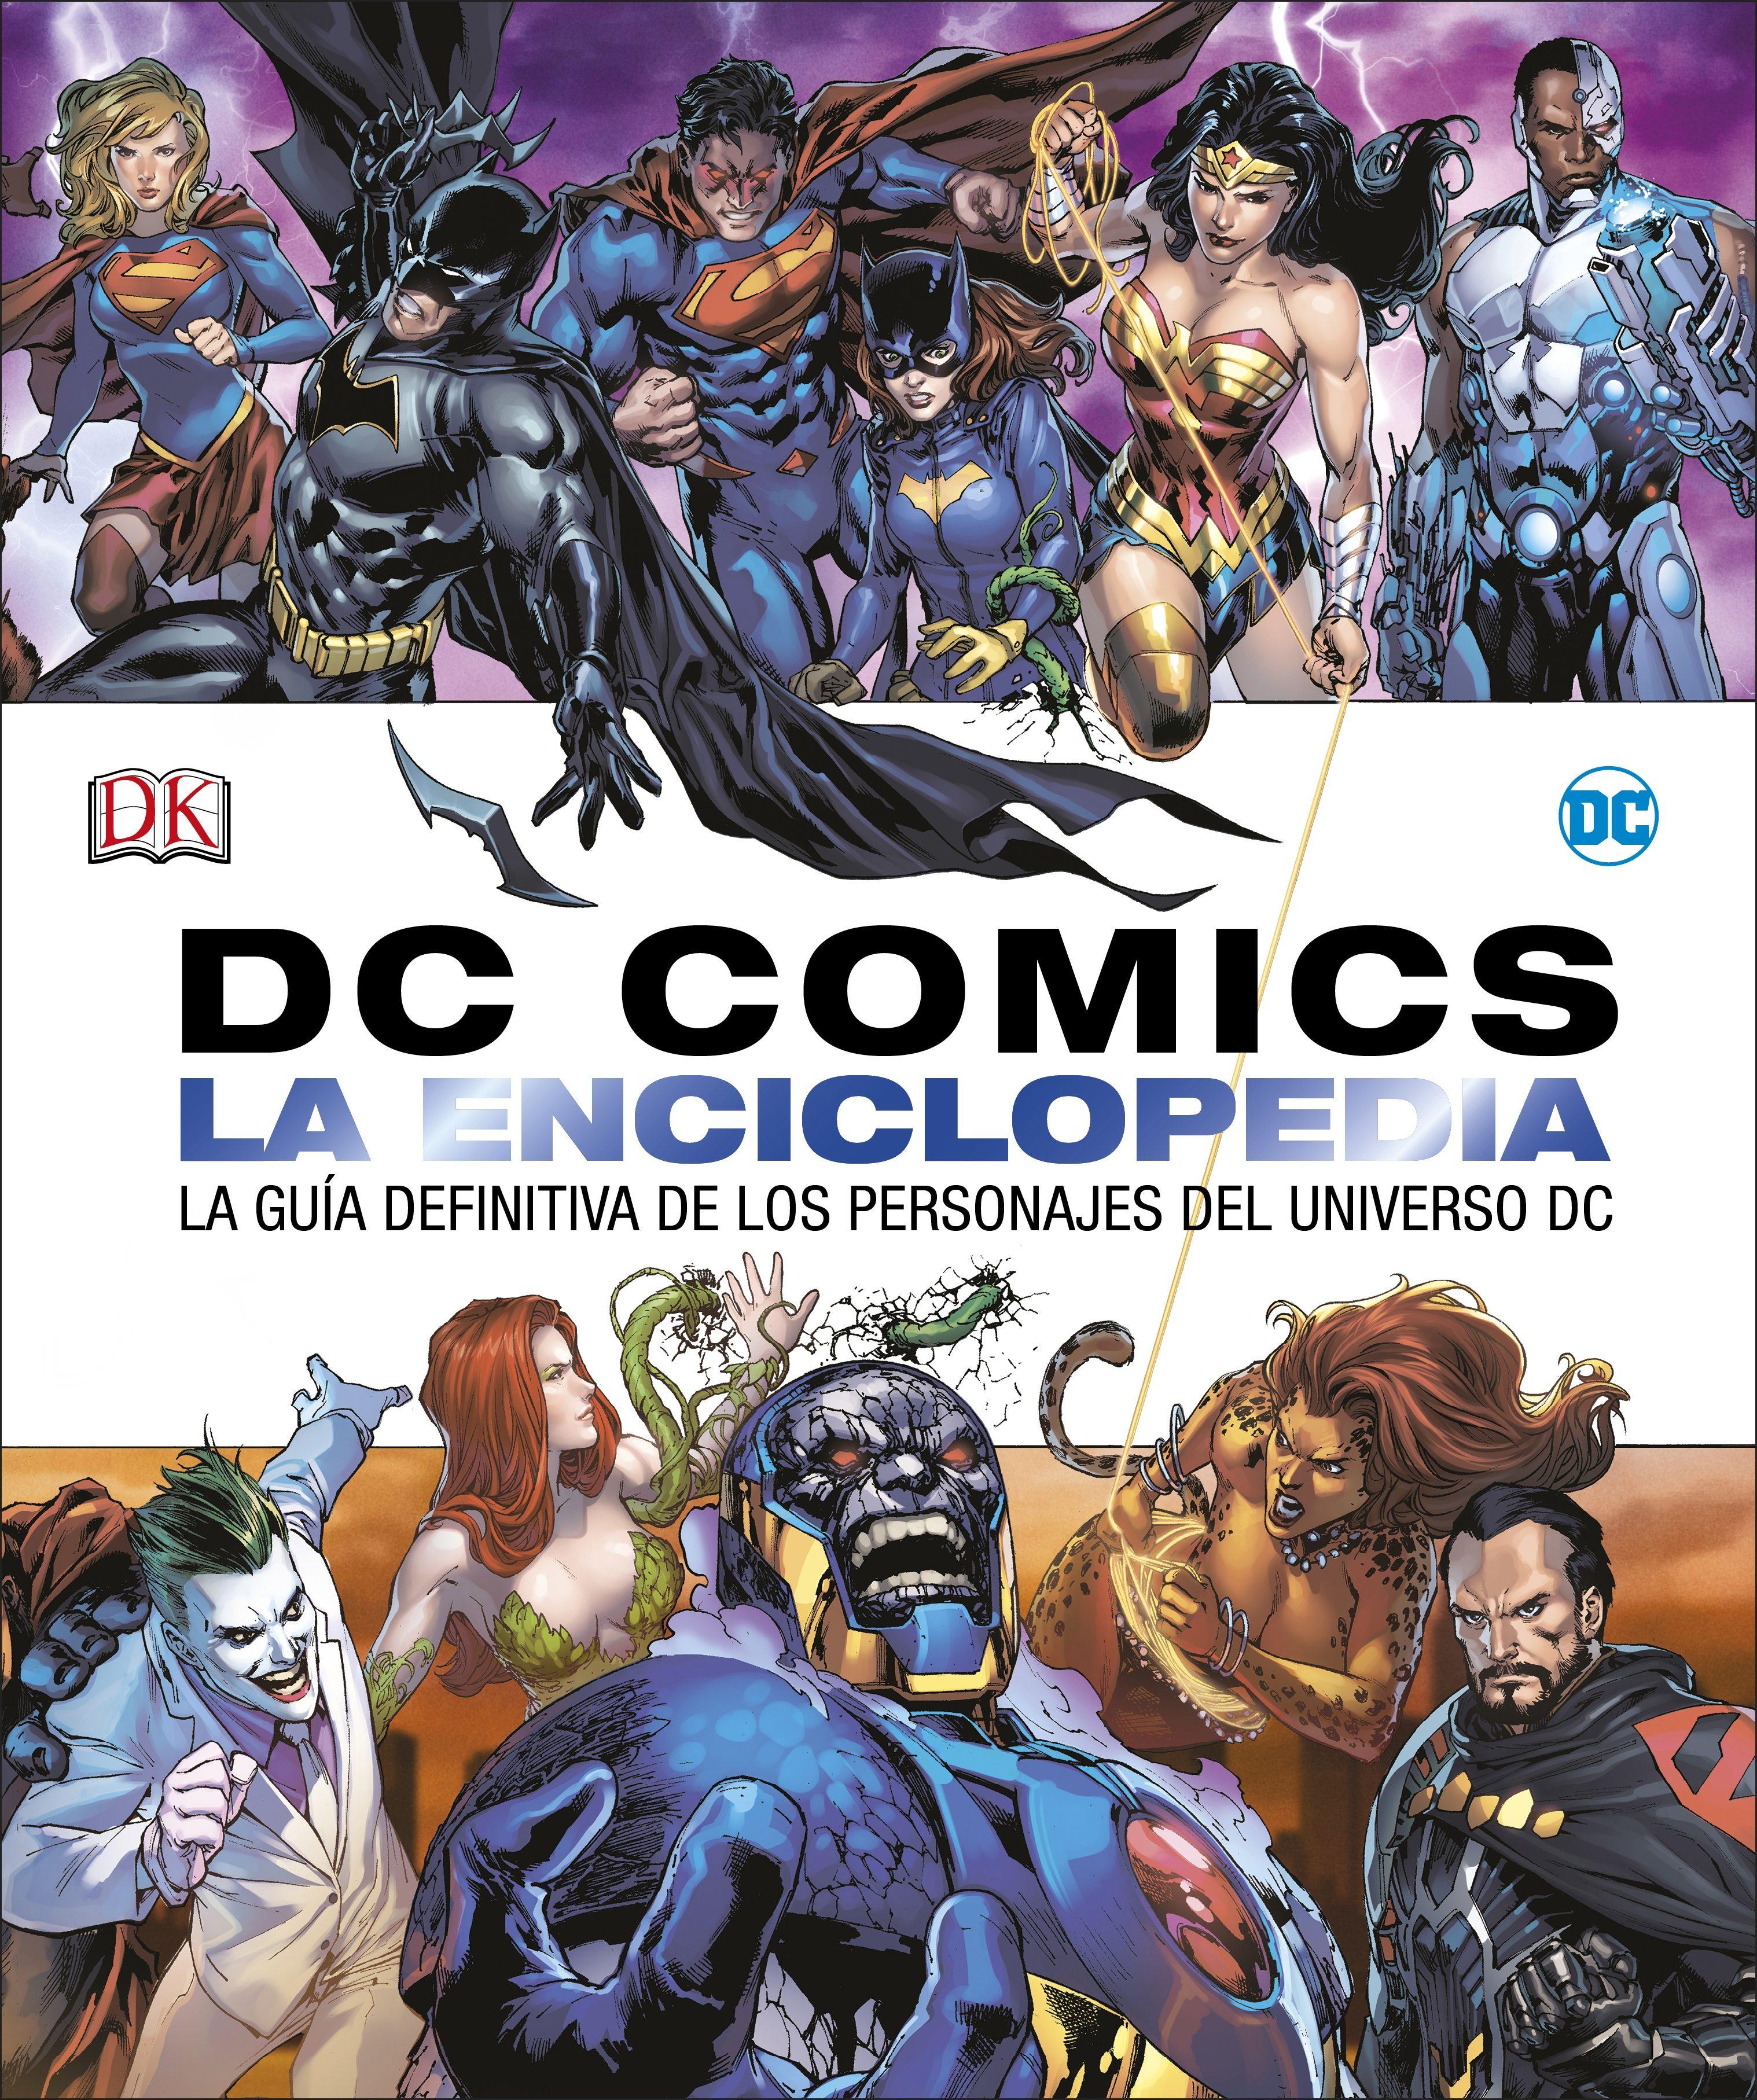 Dc Comics la Enciclopedia: La Guía Definitiva de los Personajes del Universo dc - Varios Autores - Dk